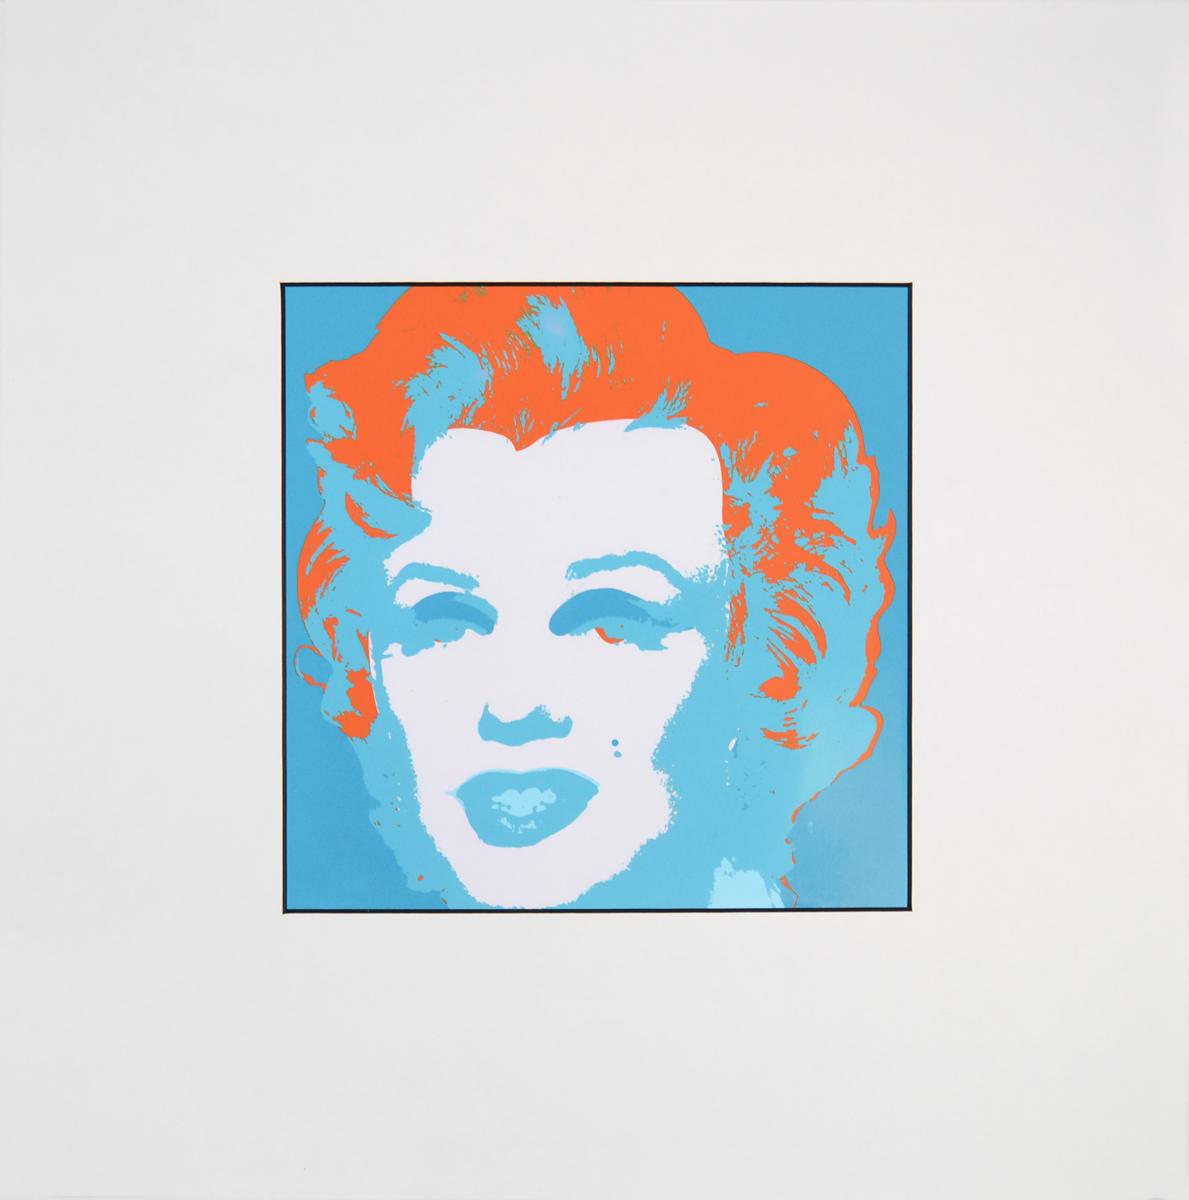 Энди Уорхол Портрет Мэрилин Монро (Marilyn Monroe Portrait 1967). Шелкография на картоне. Лимитированное издание. Швейцария, ART 18, 1987 год